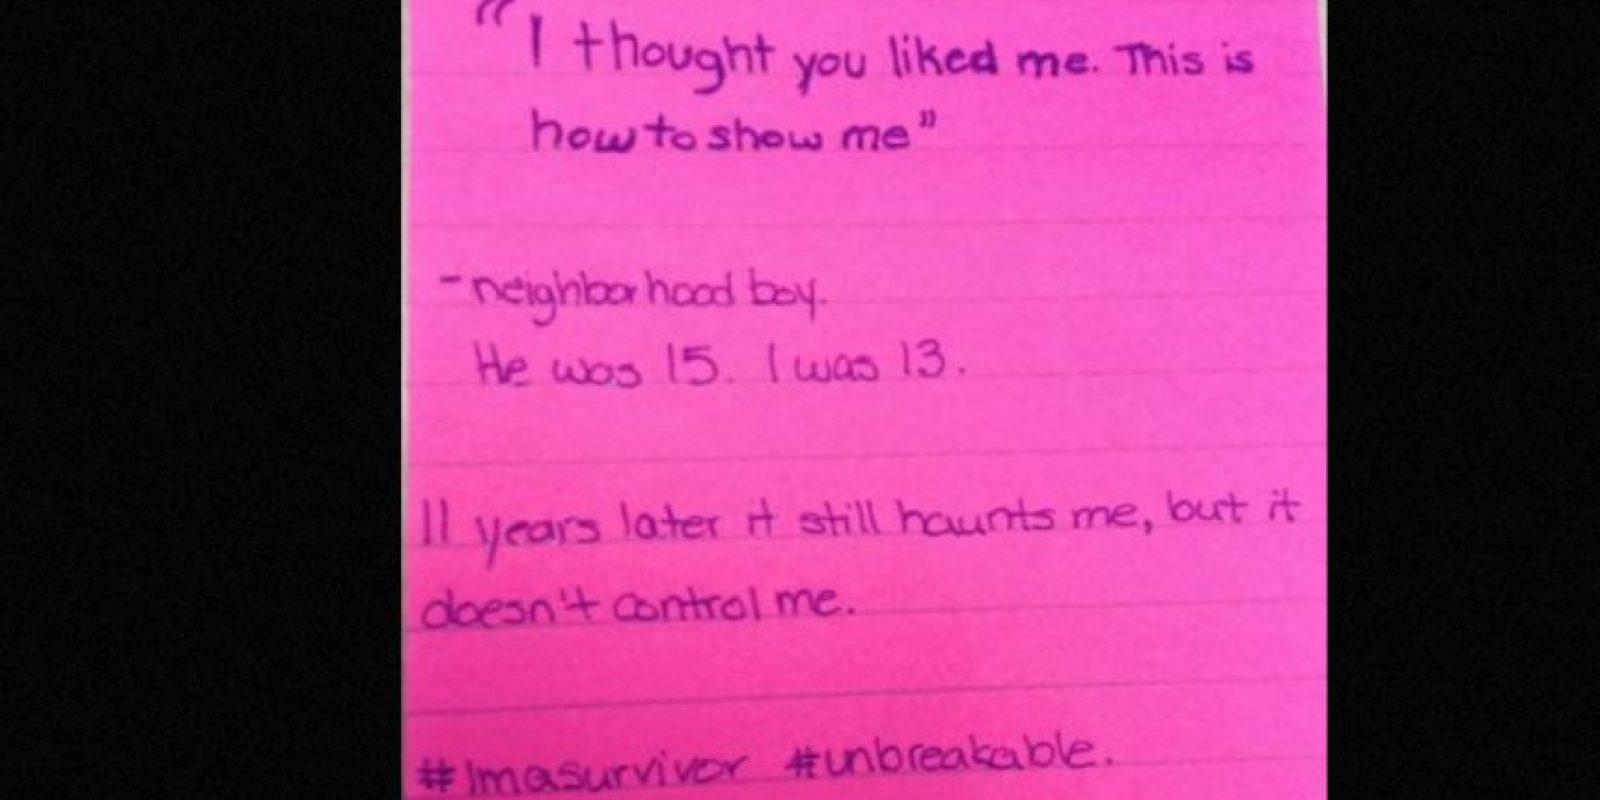 """""""Pensé que yo te gustaba. Esta es la forma de demostrármelo"""": Un vecino. Él tenía 15, yo 13. 11 años después esto aún me persigue, pero no me controla. Foto:vía Project Unbreakable"""